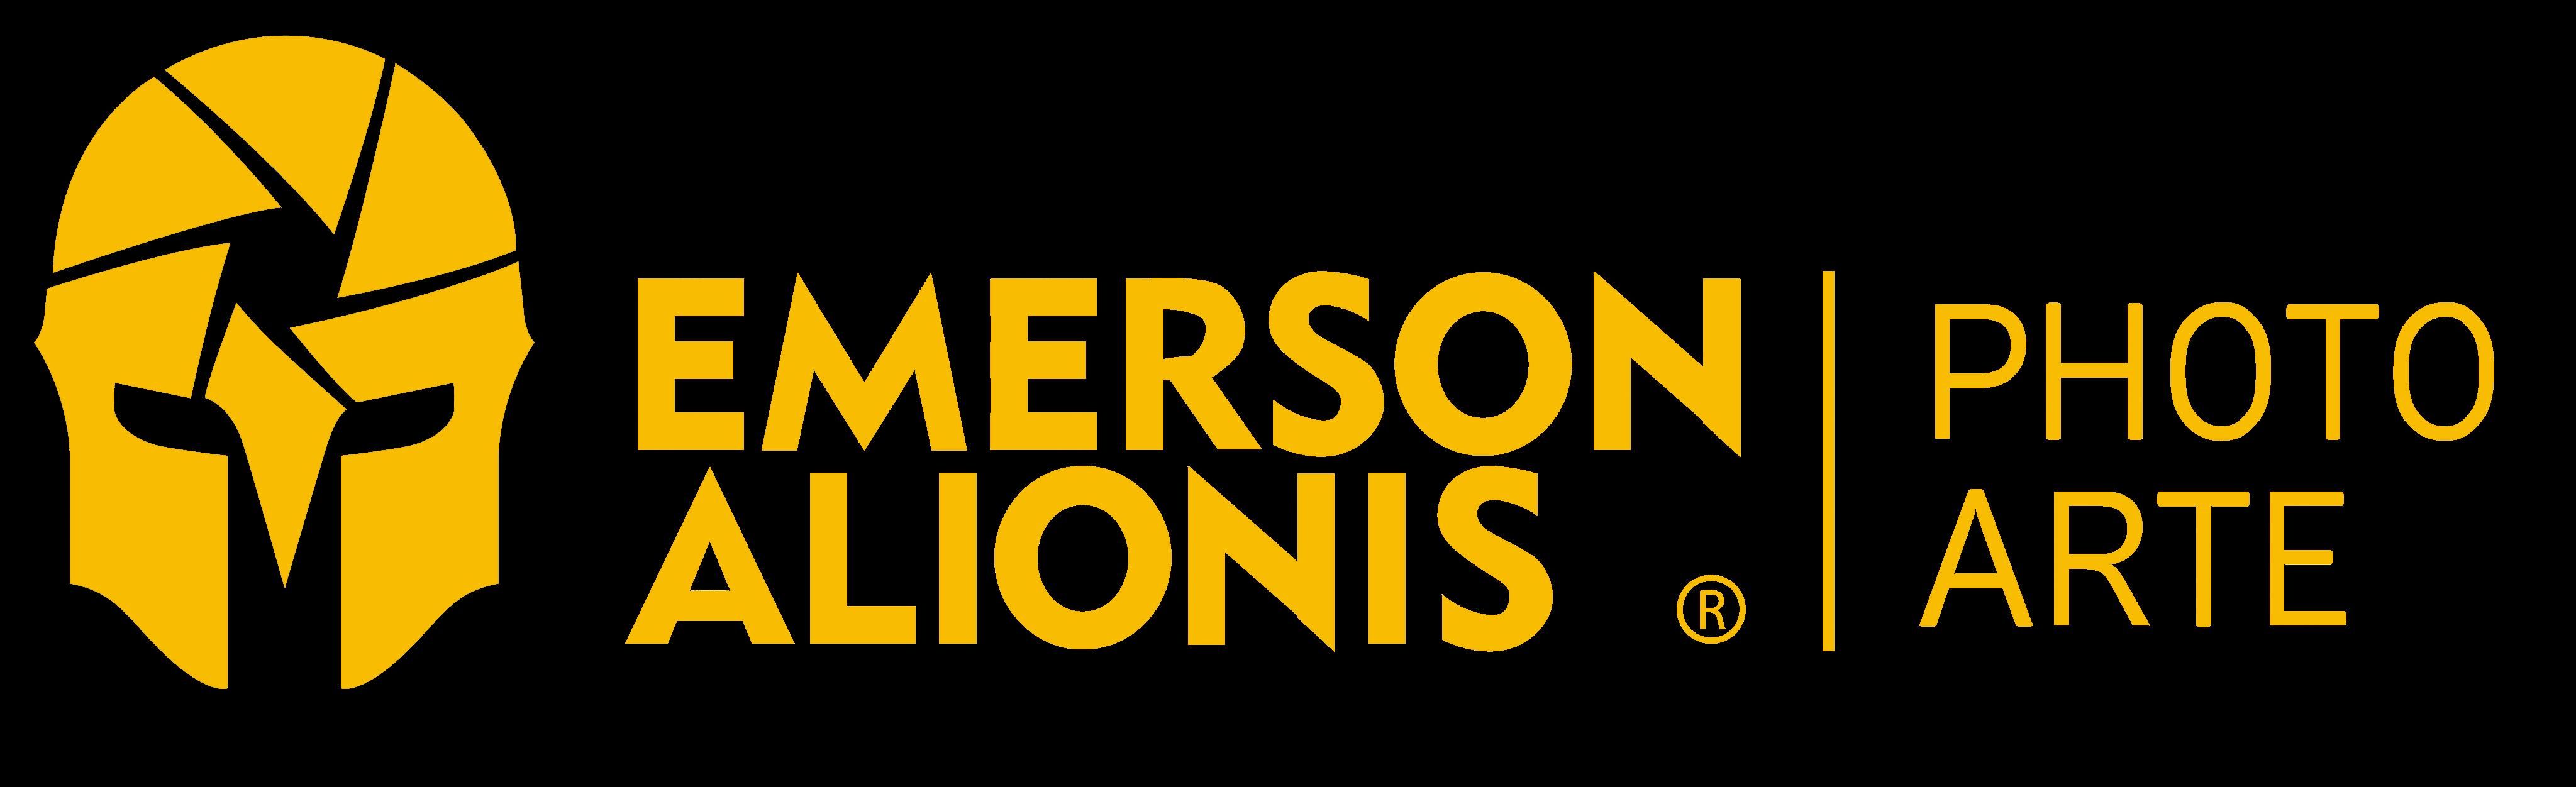 emerson alionis